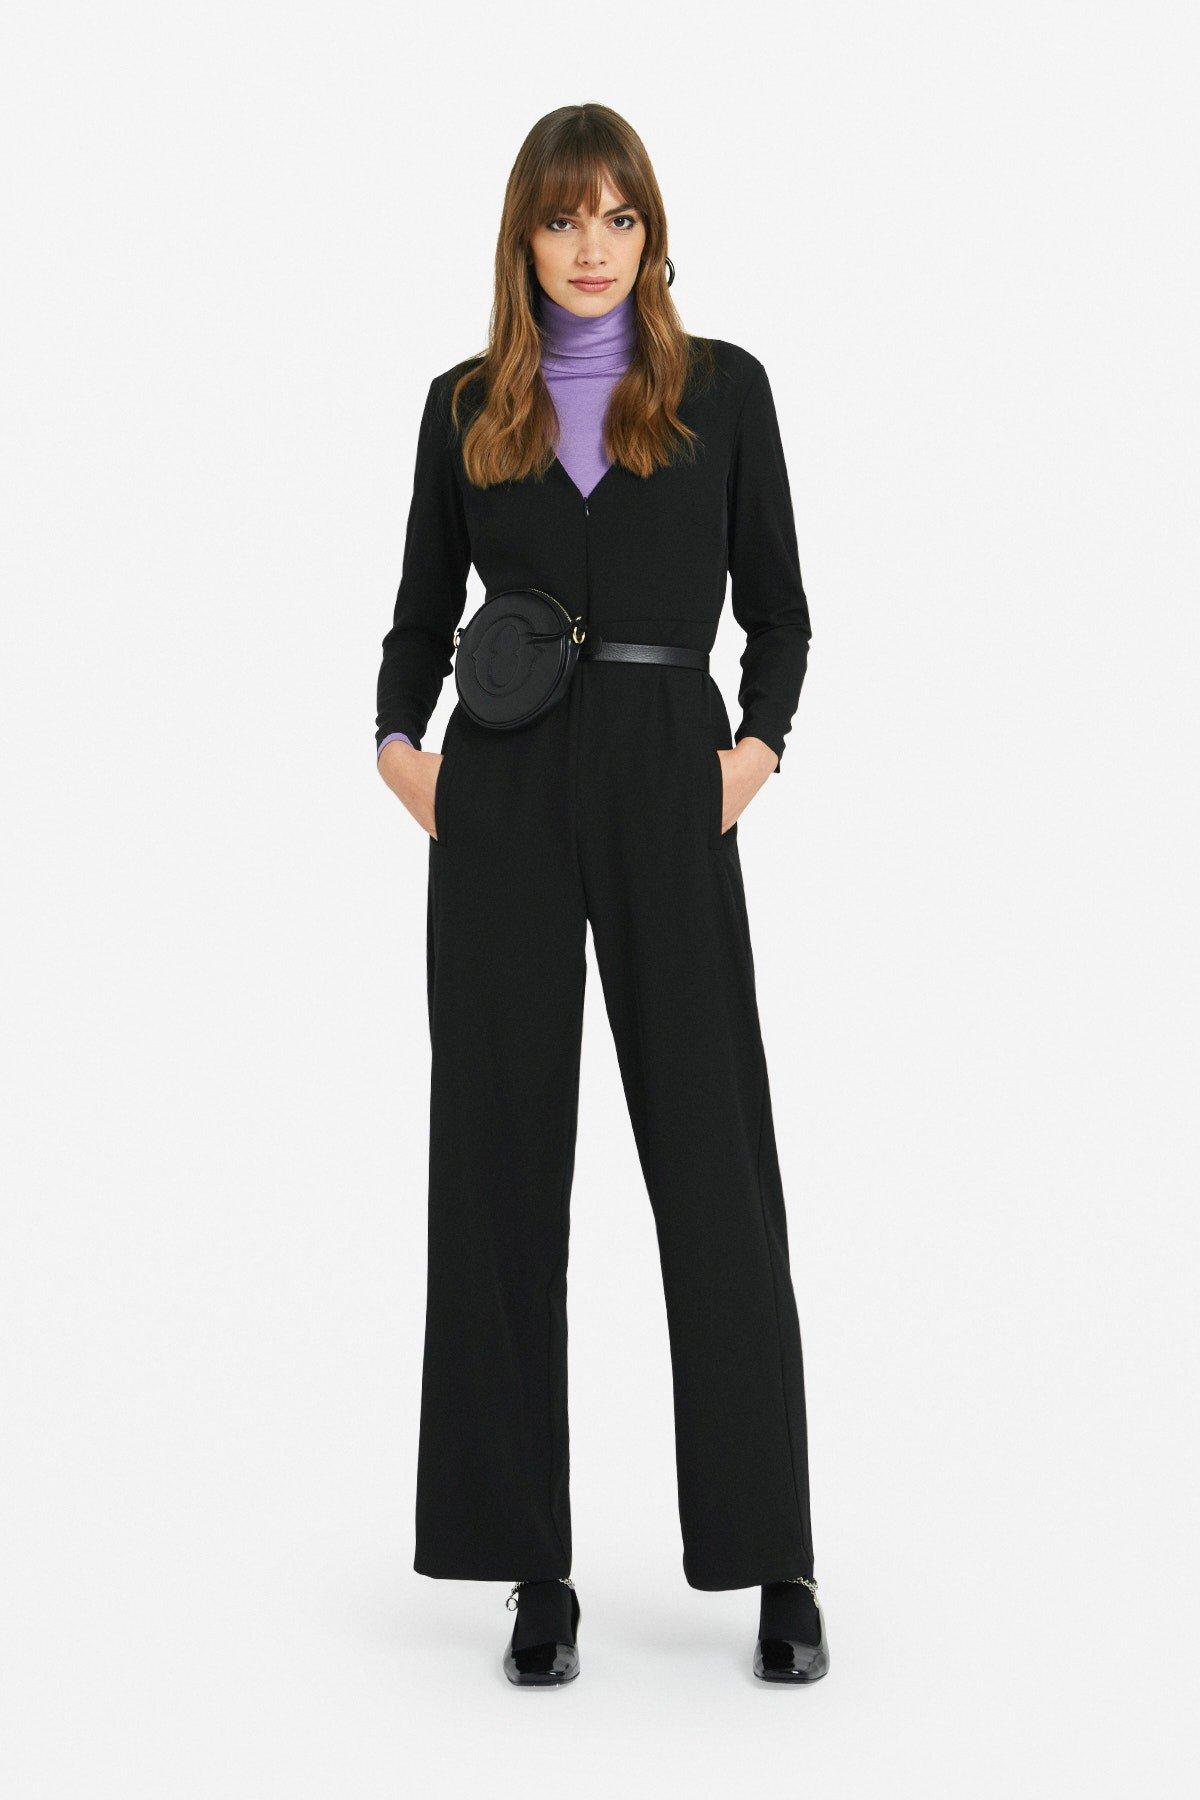 Jumpsuit with zipper